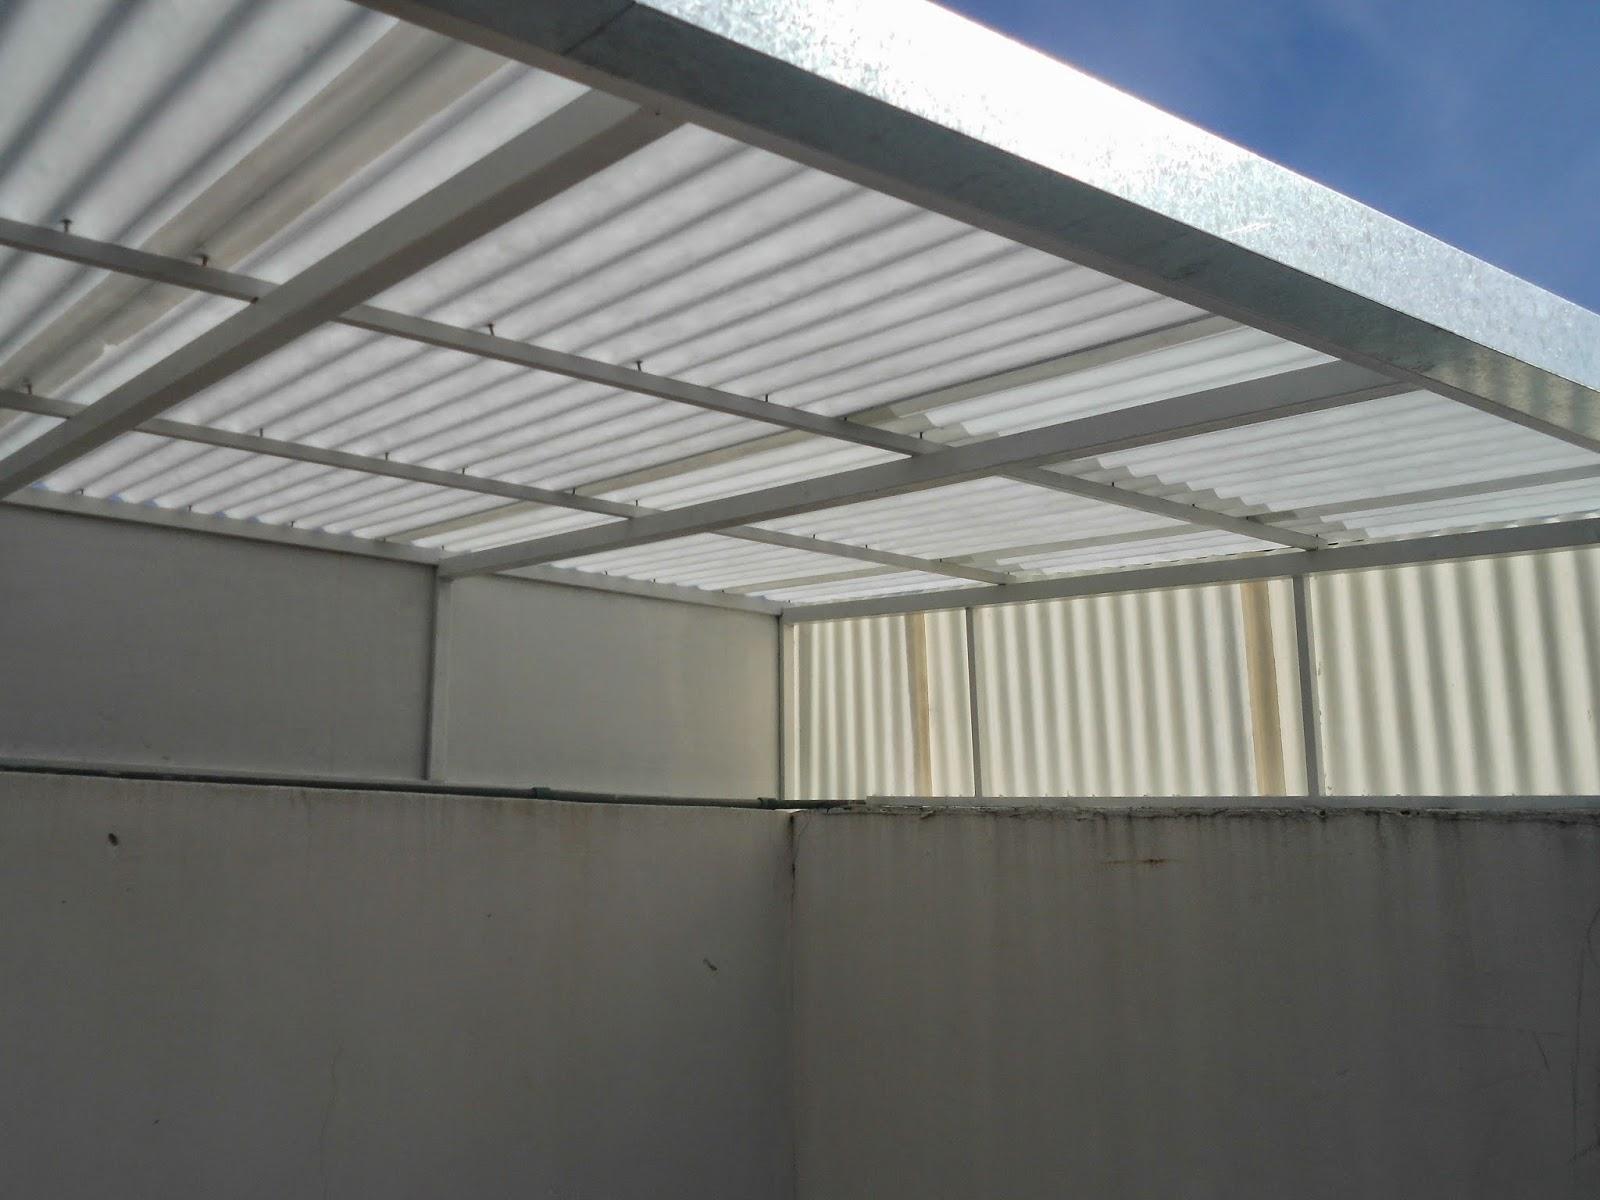 Entrepisos de madera escaleras techo chapa blanca con - Escaleras de techo ...